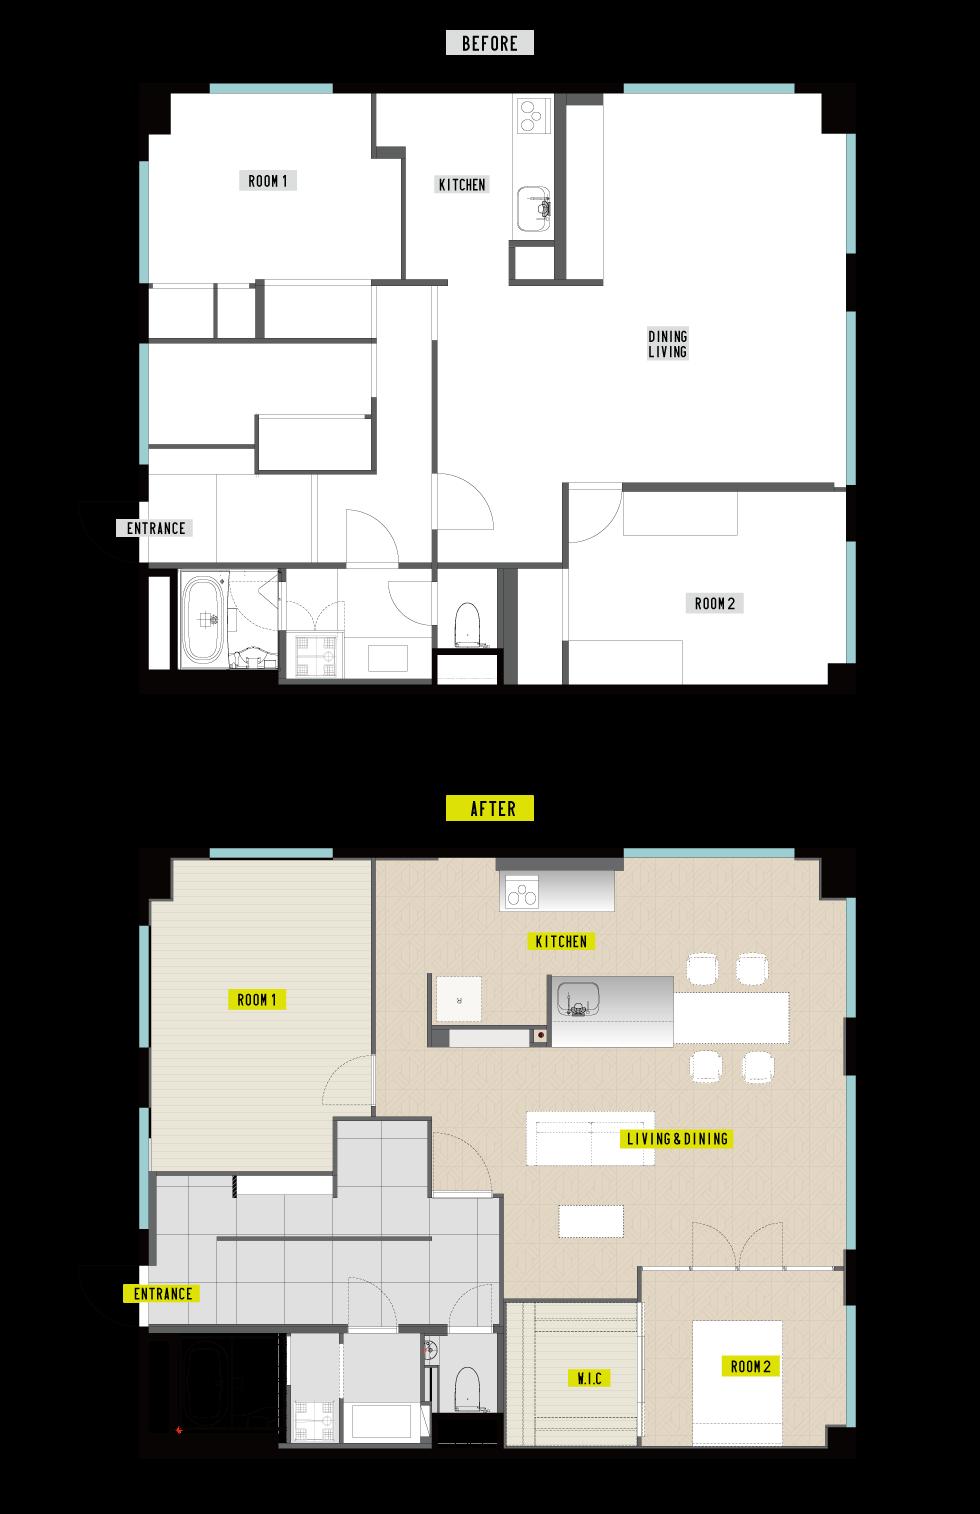 福岡市中央区N様邸マンションリノベーション